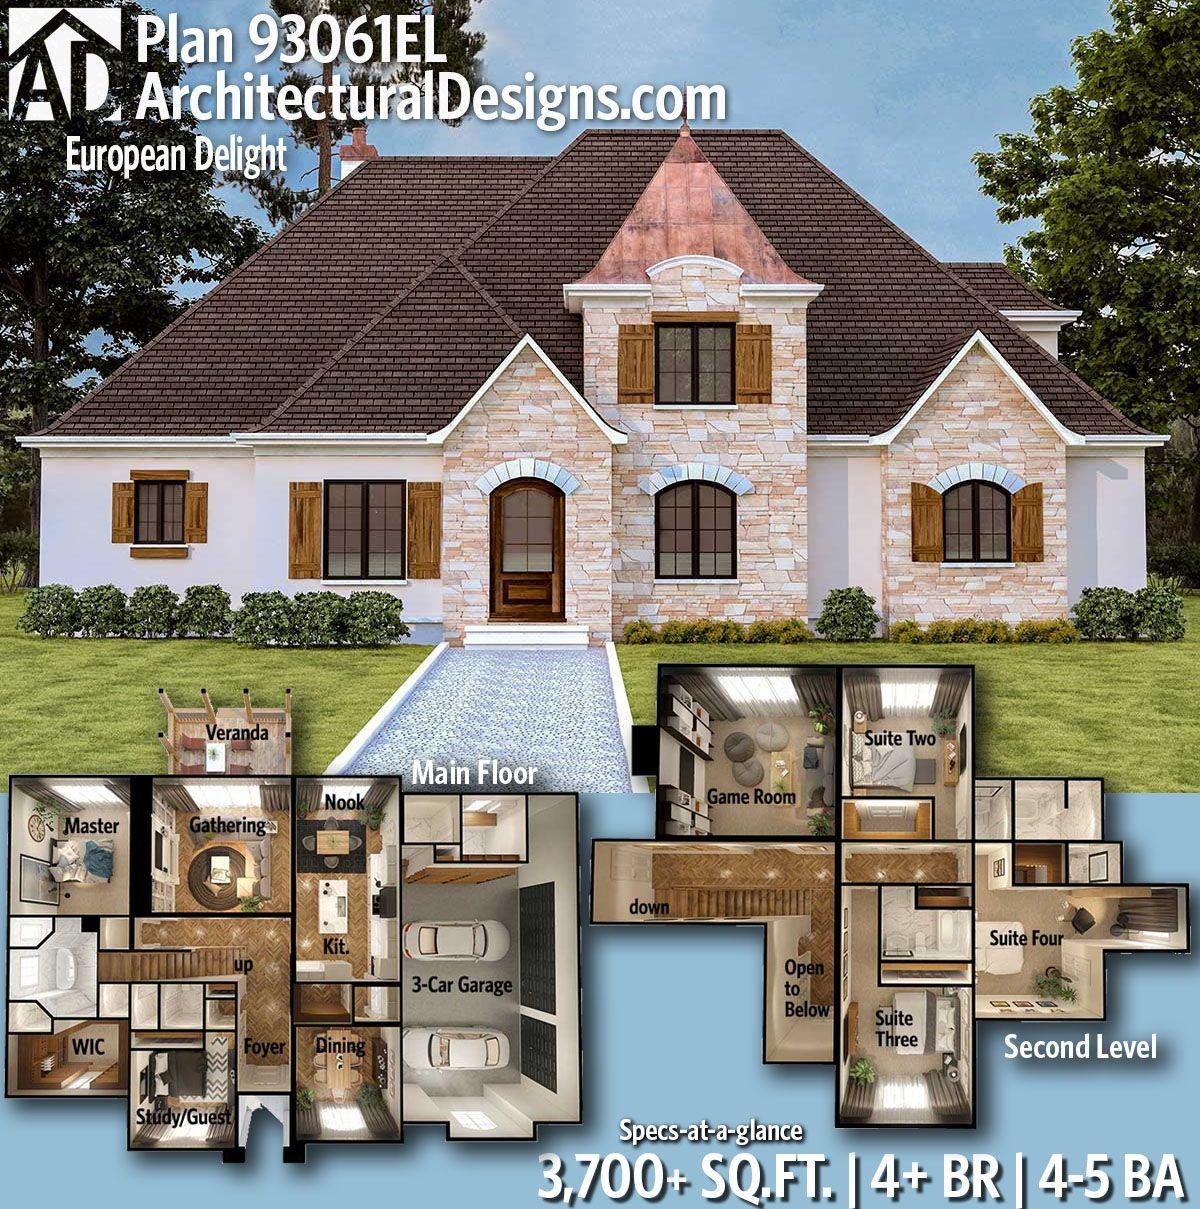 Plan 93061el European Delight Architectural Design House Plans House Plans European House